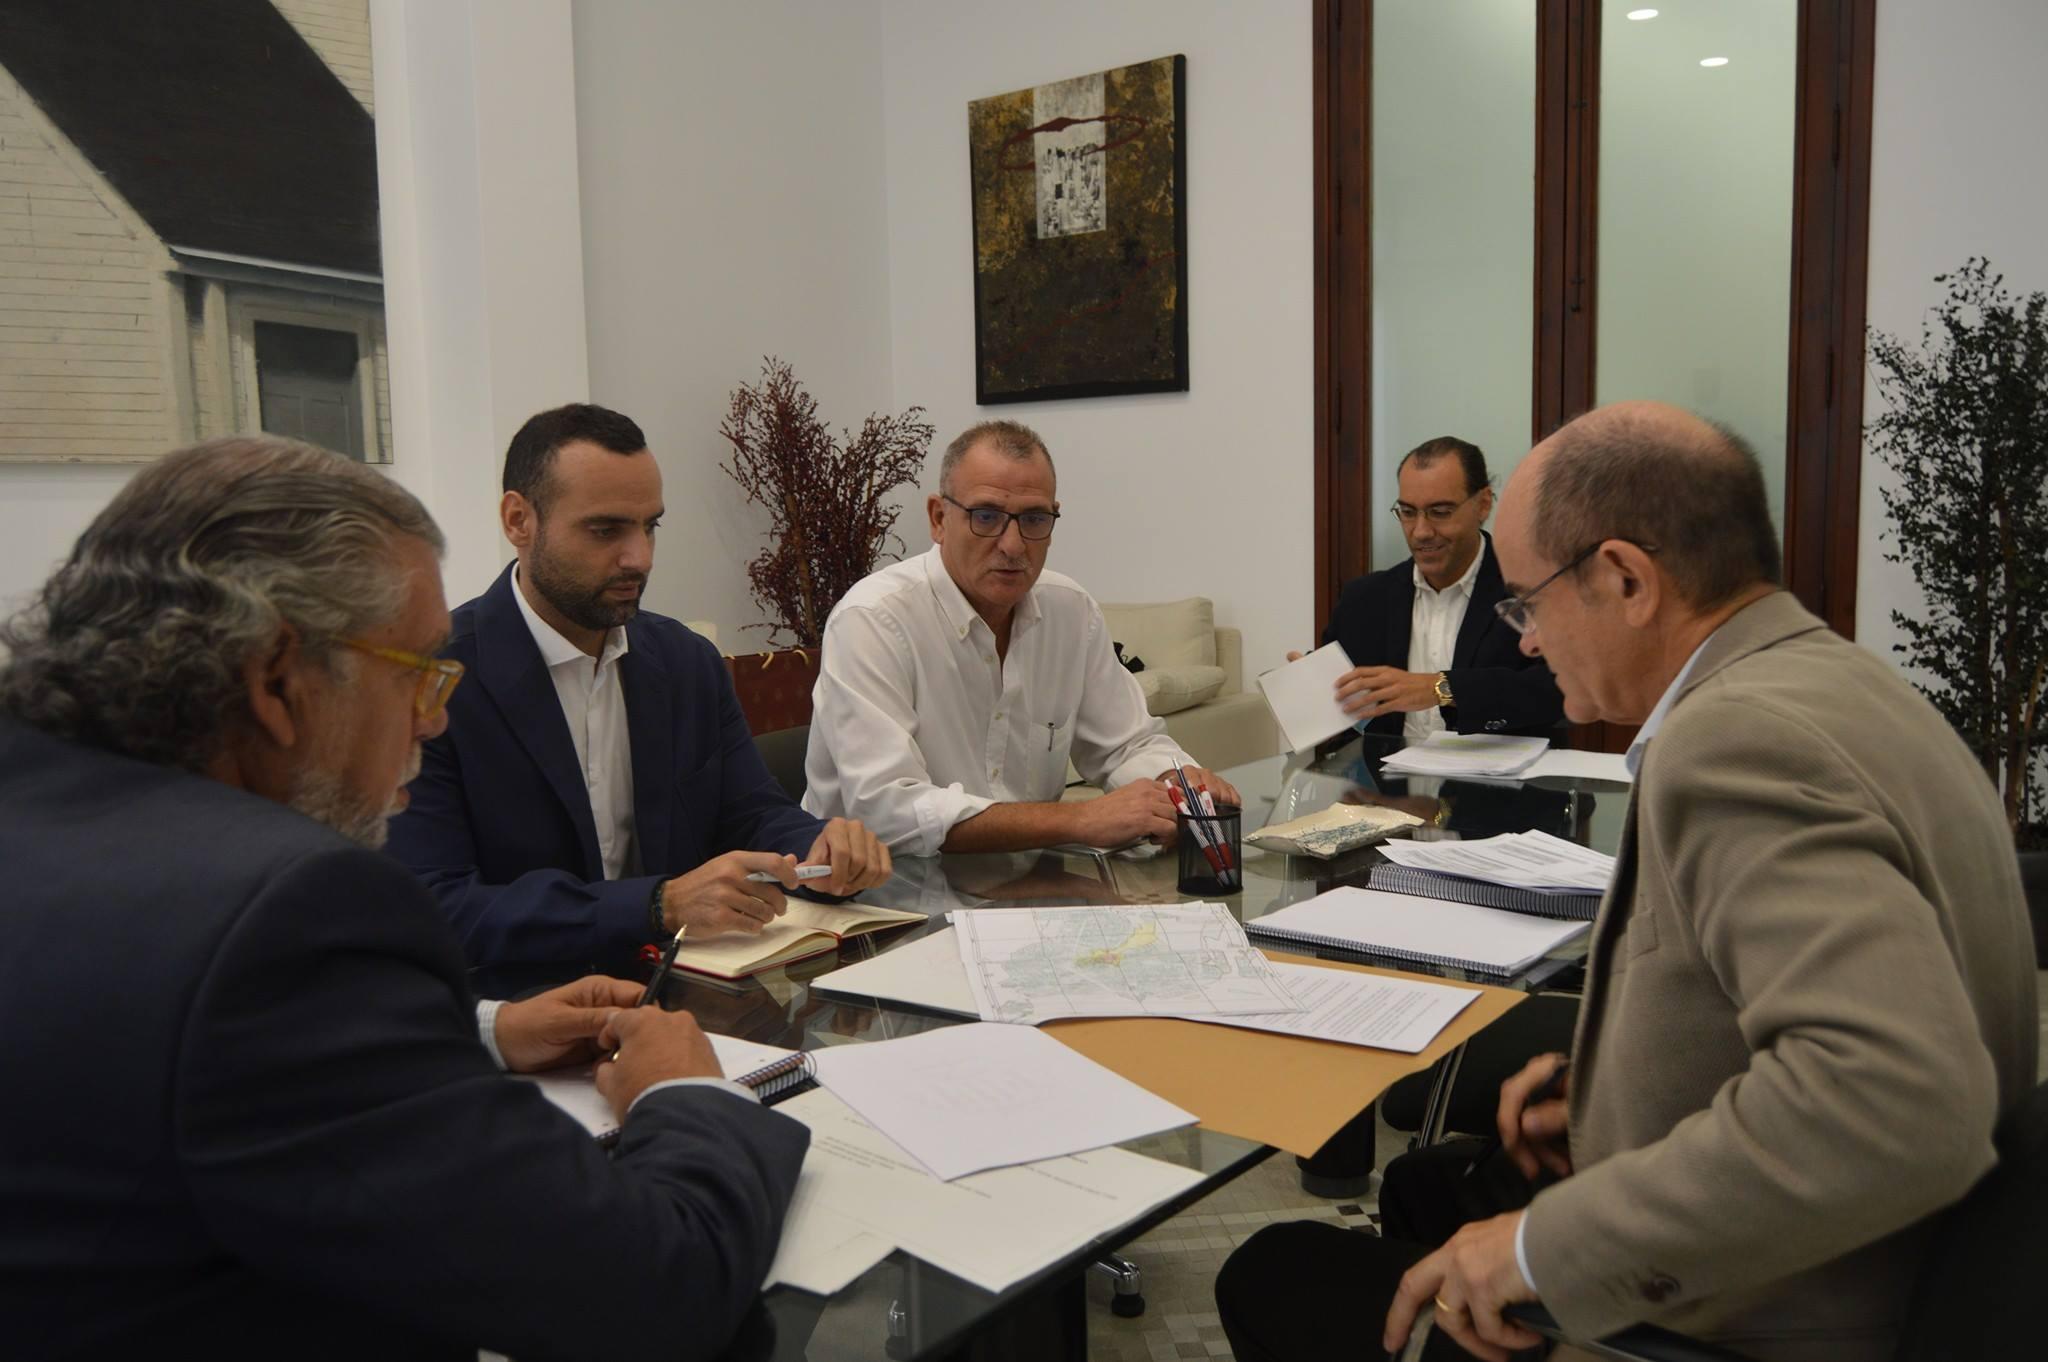 FEHV mantuvo un encuentro con la Concejalía de Hacienda respecto de las tasas de terrazas